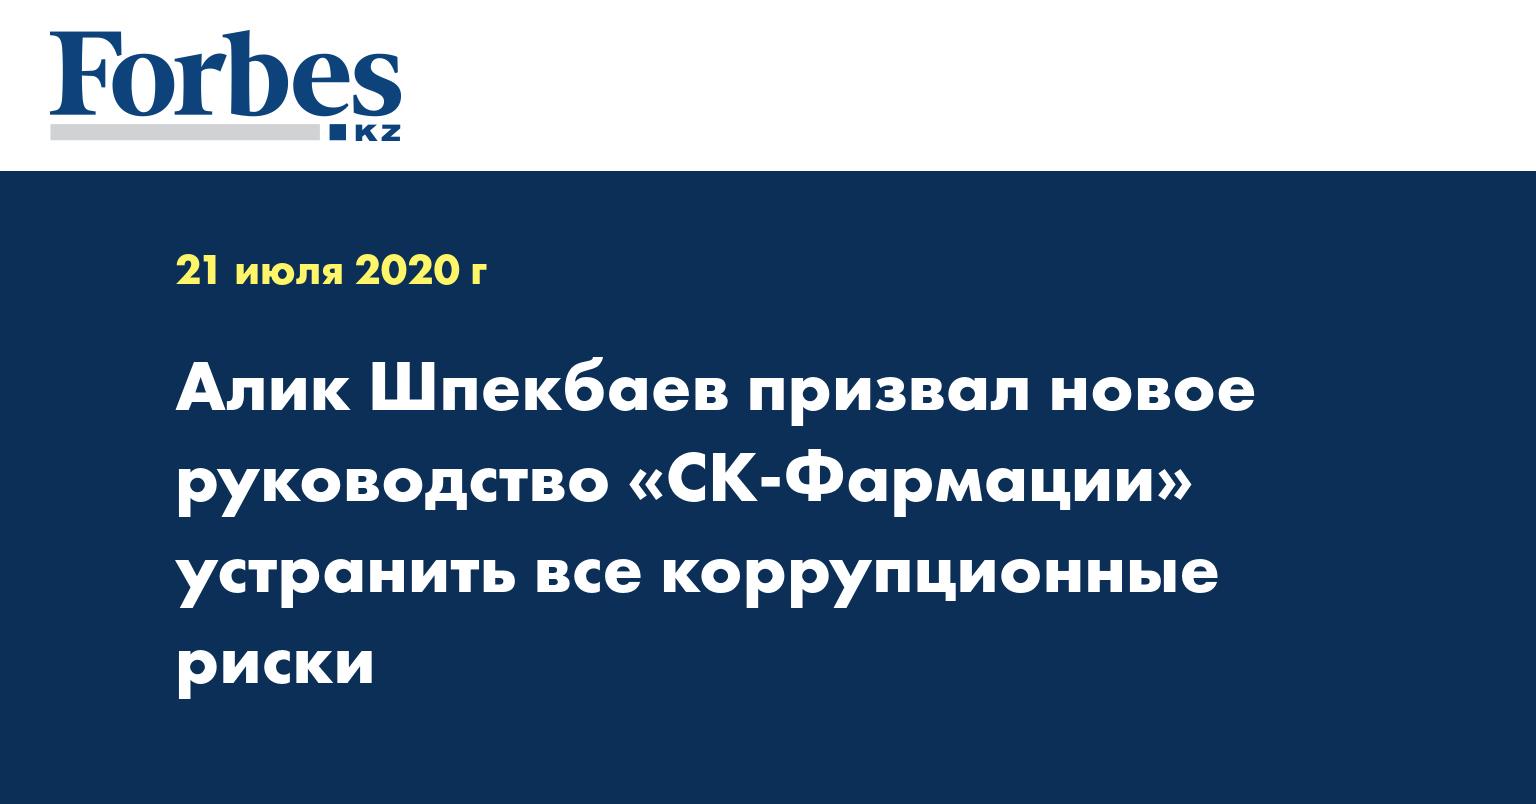 Алик Шпекбаев призвал новое руководство «СК-Фармации» устранить все коррупционные риски